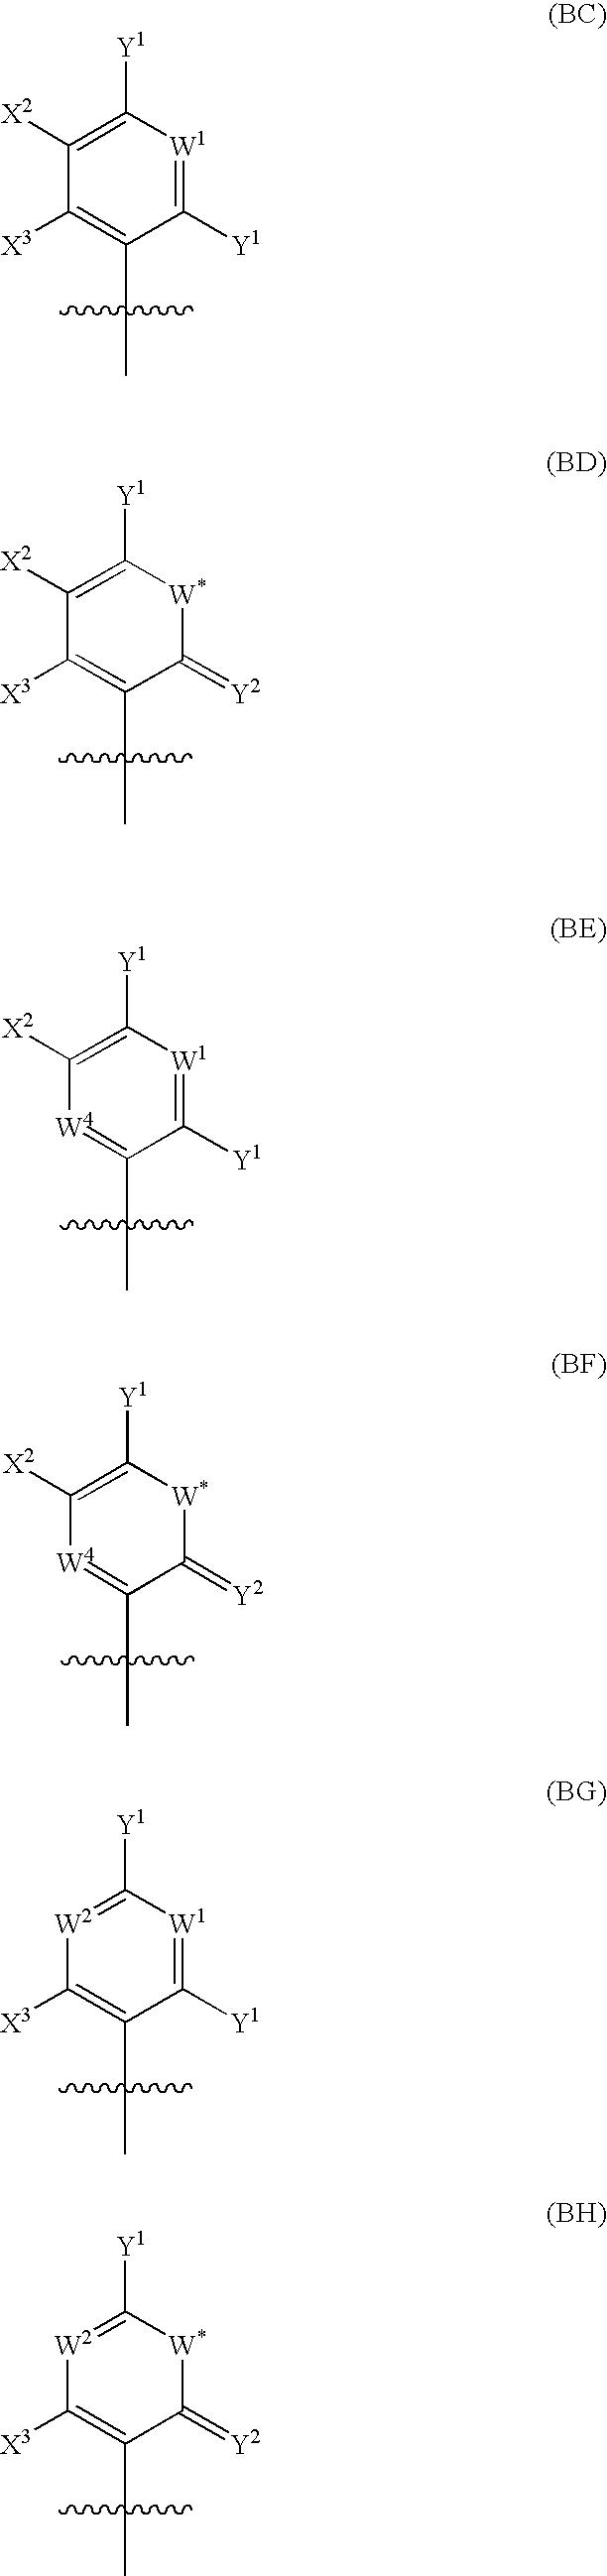 Figure US07608600-20091027-C00034